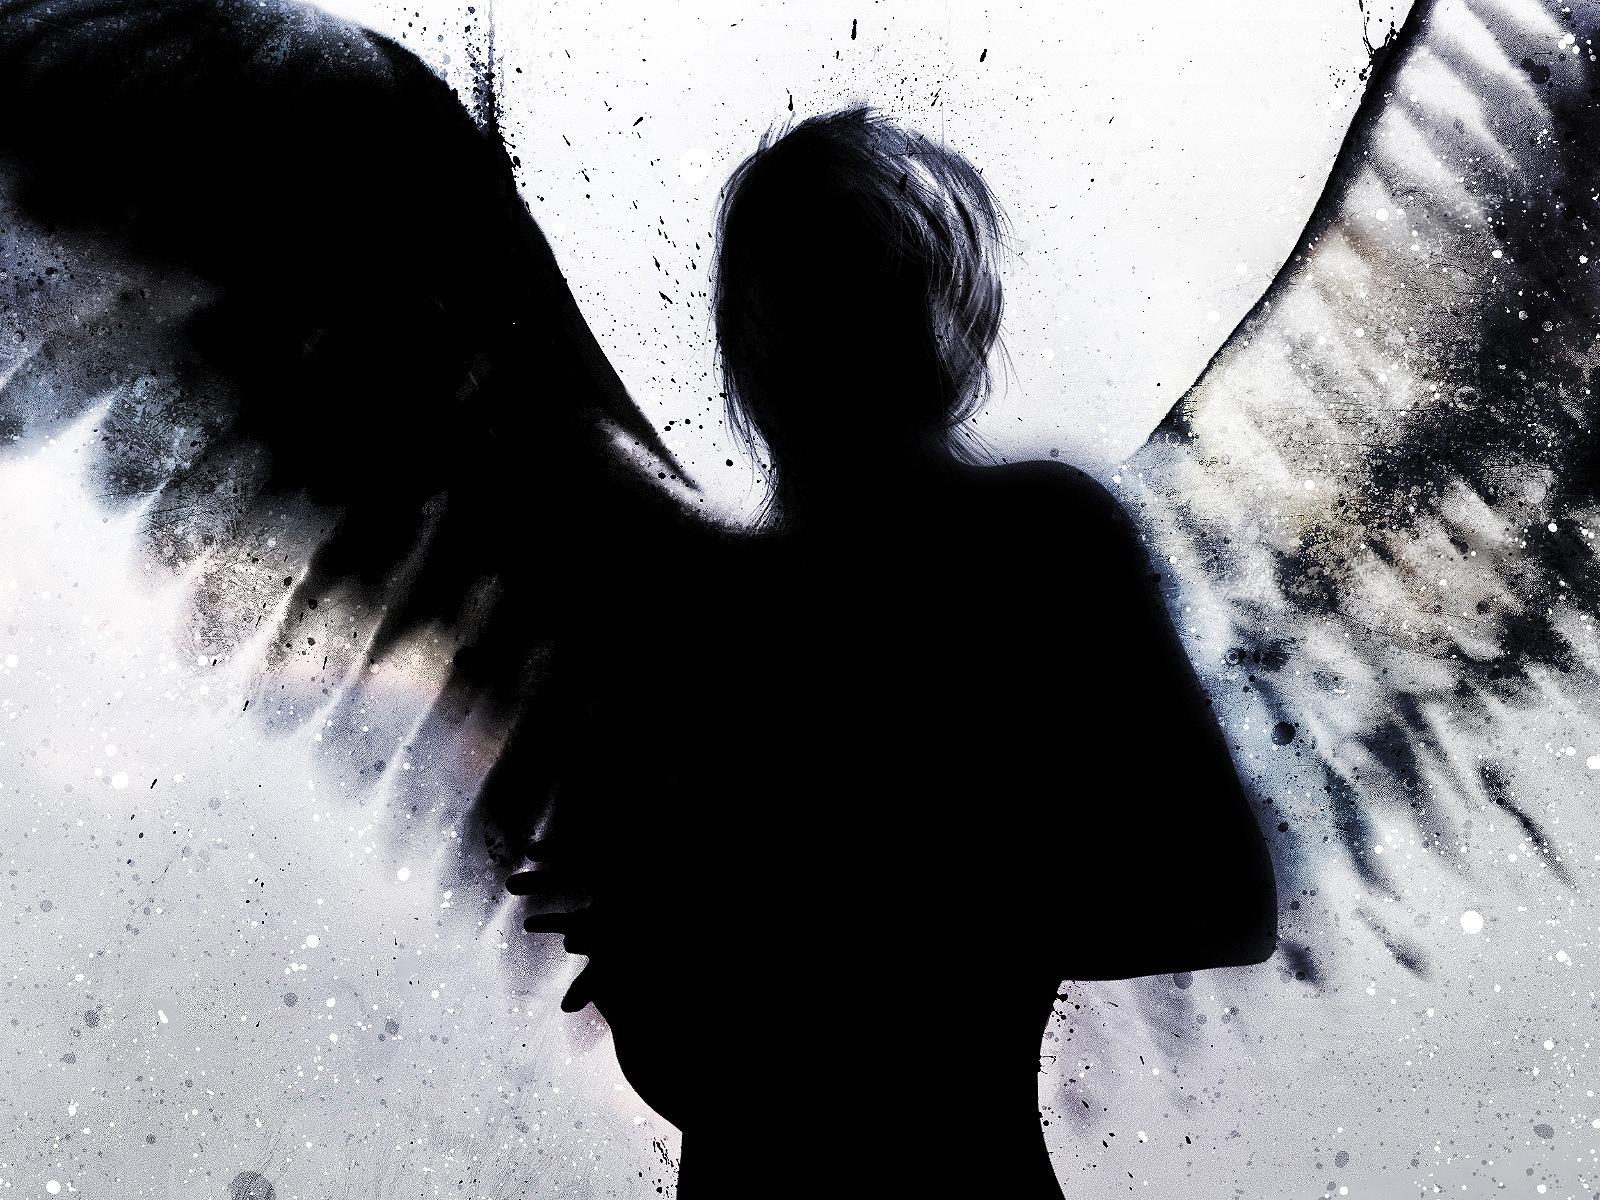 La Infección Espiritual a través de la Falsa Luz.  4023_angelic_angels_heaven